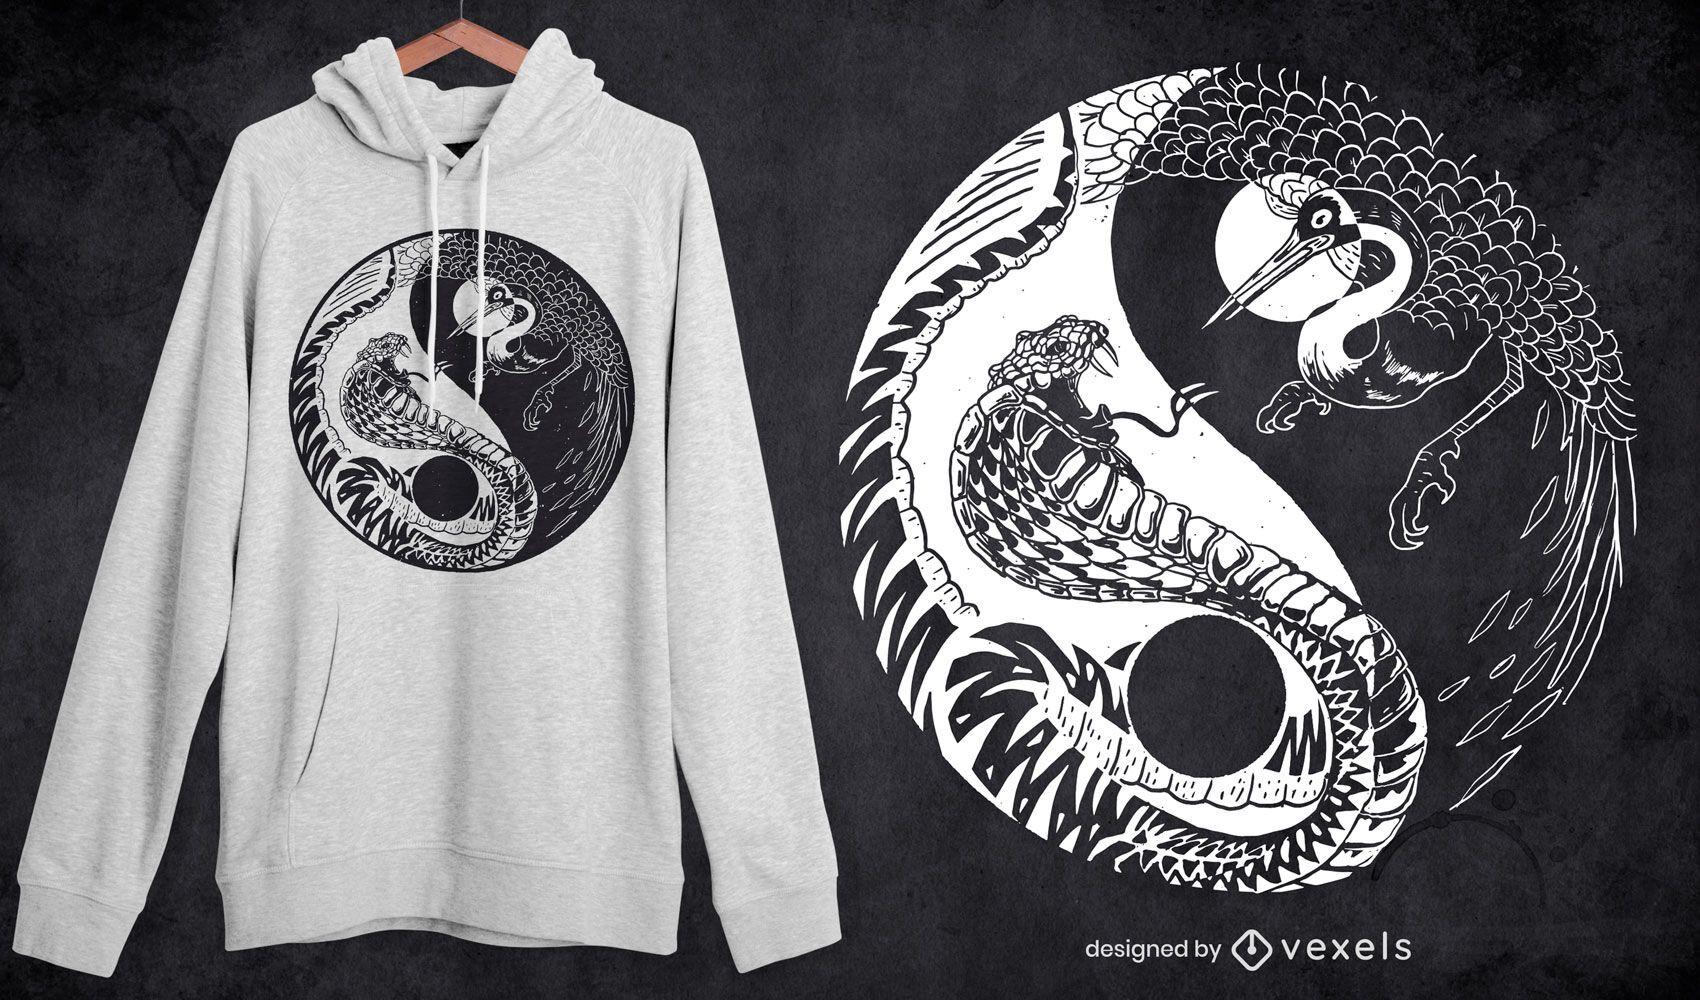 Diseño de camiseta de animales dibujados a mano de yin yang.